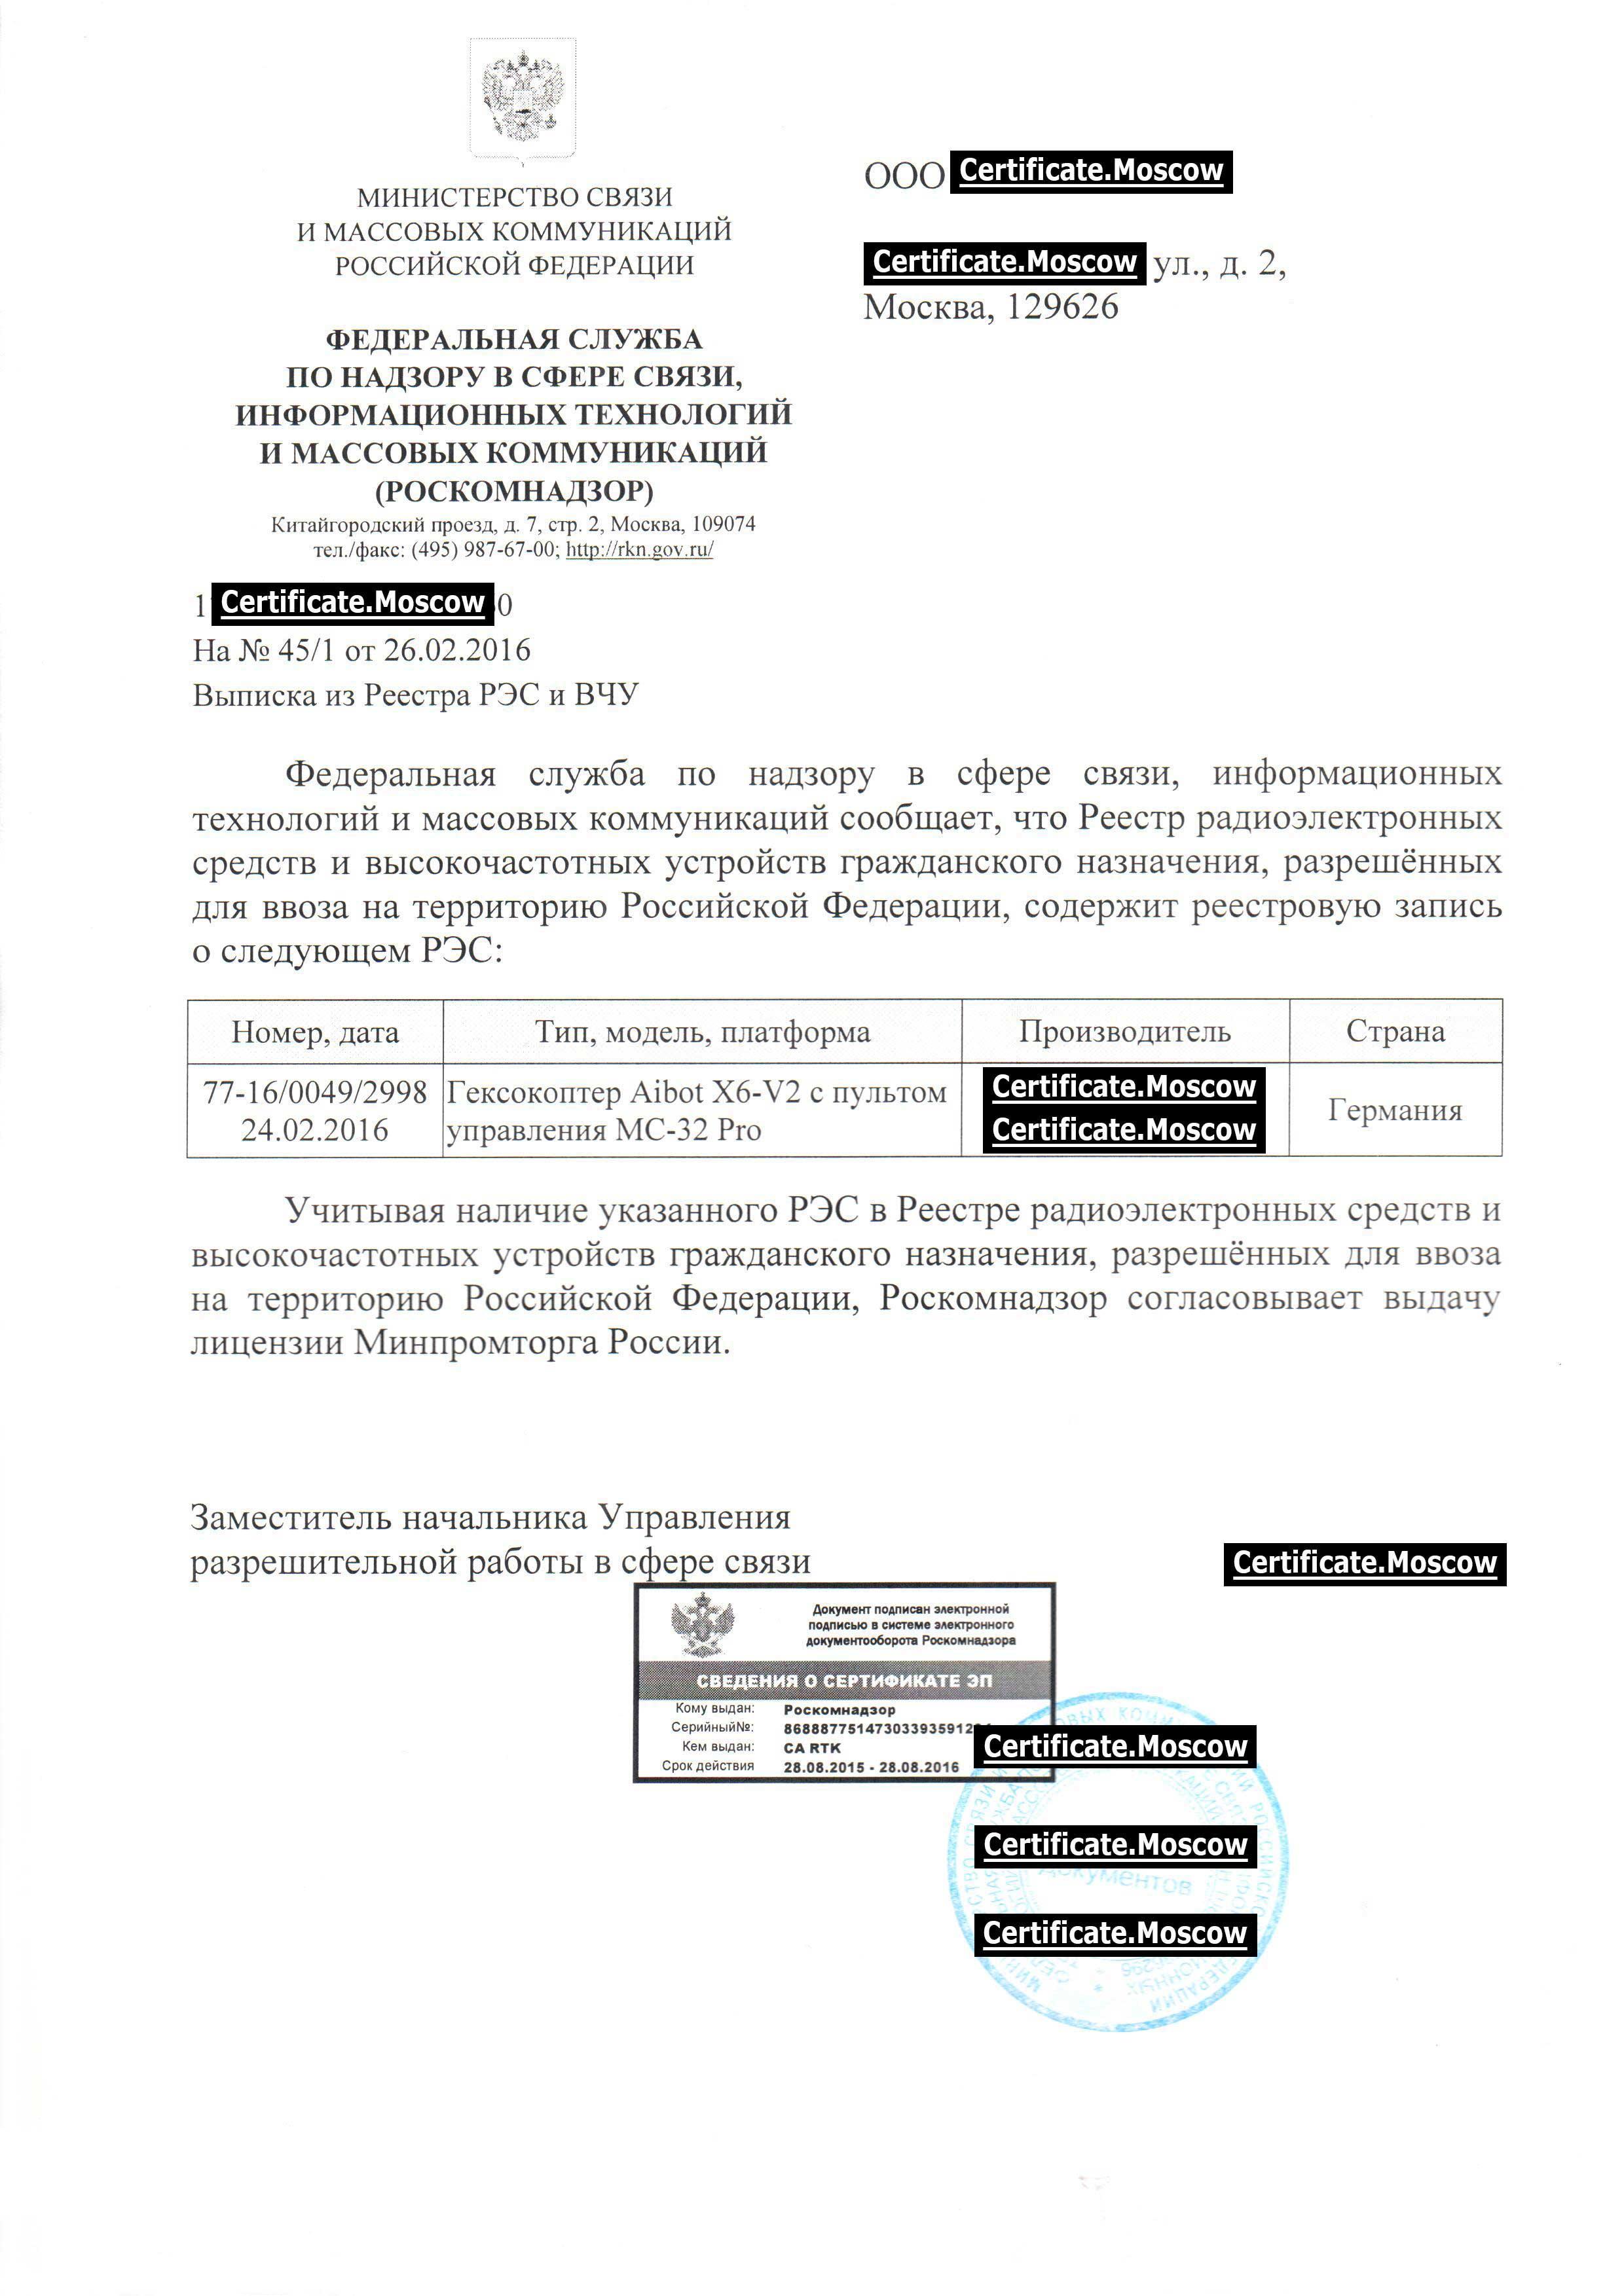 Сертификация рэс и вчу сертификация оборудования как настроить тюнер